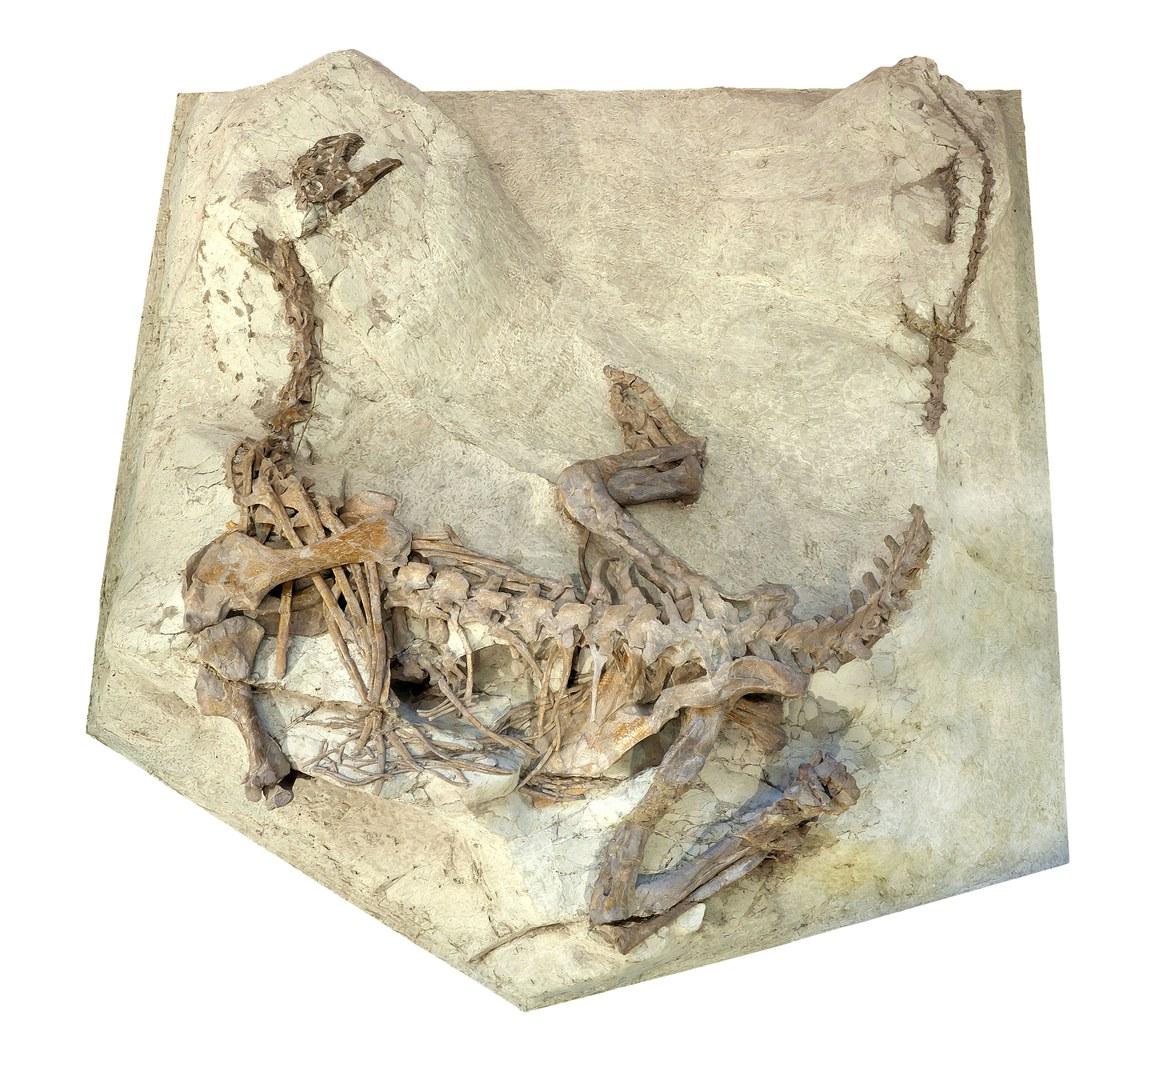 Das Skelett von Plateosaurus aus Frick